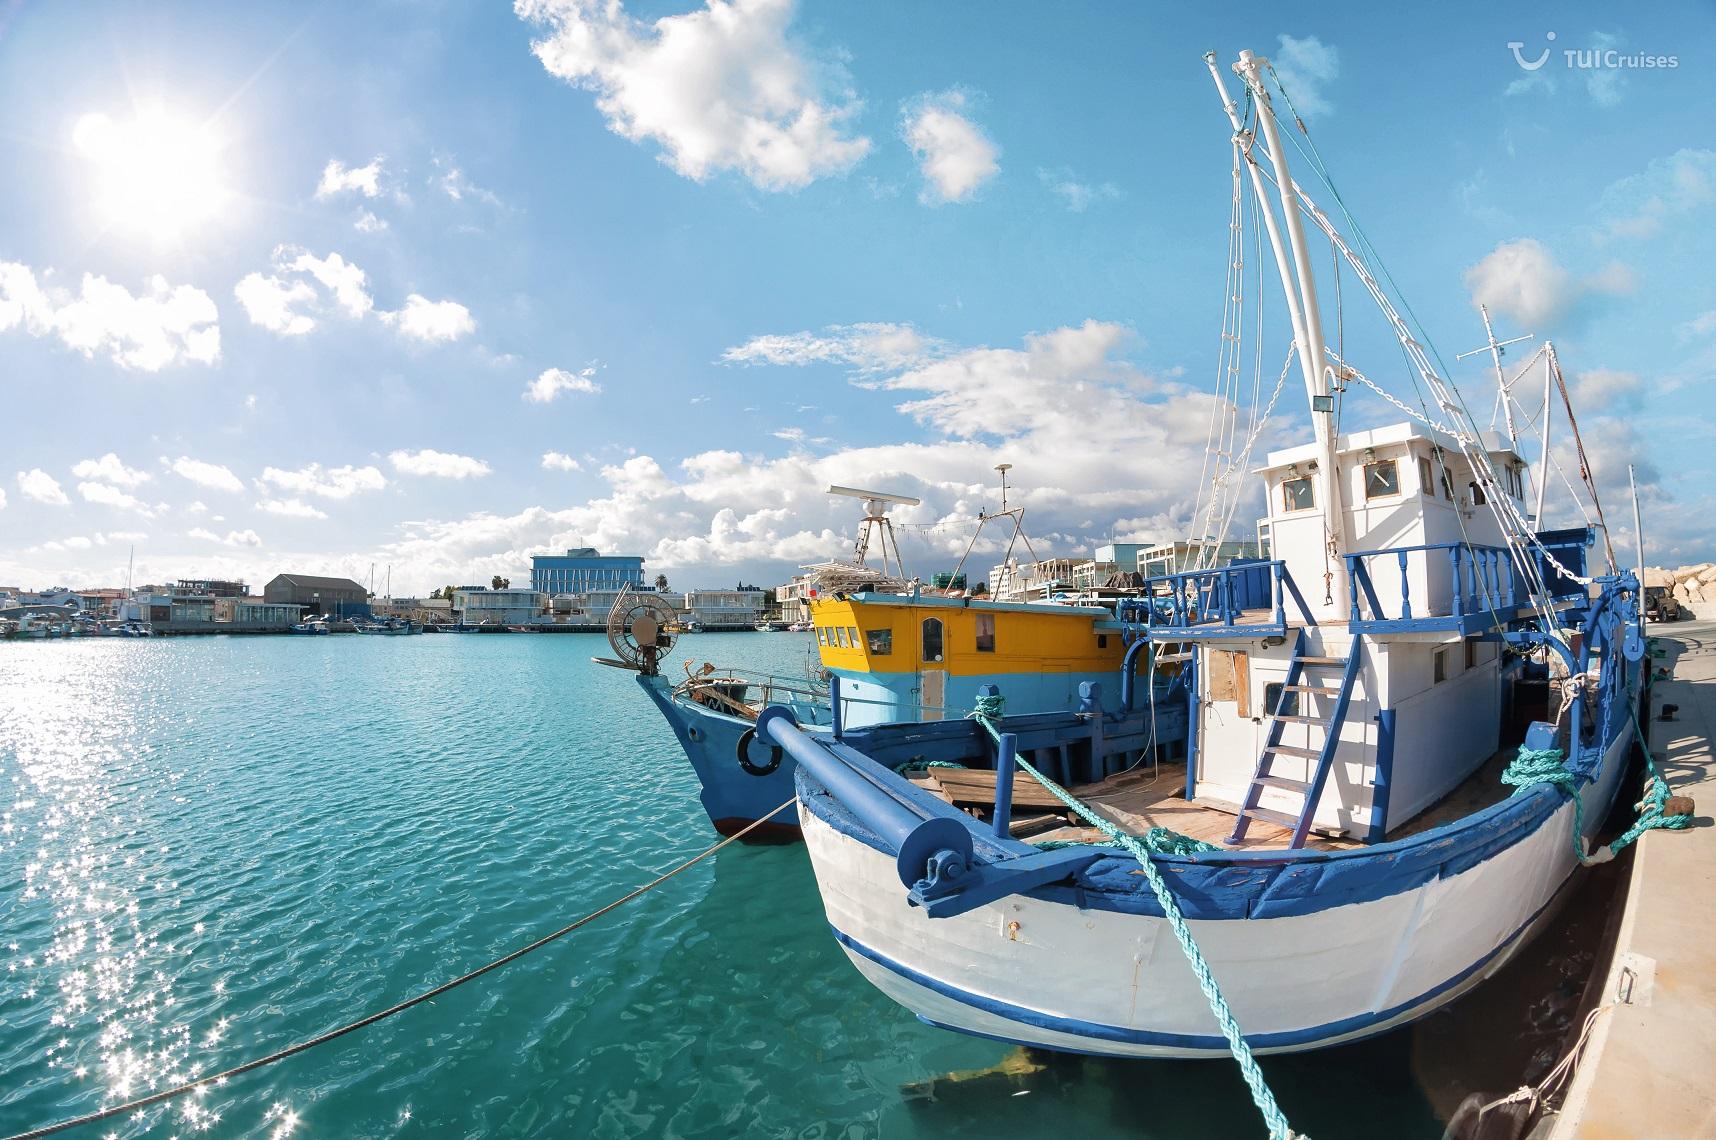 Altes Fischerboot im Hafen von Limassol, Zypern